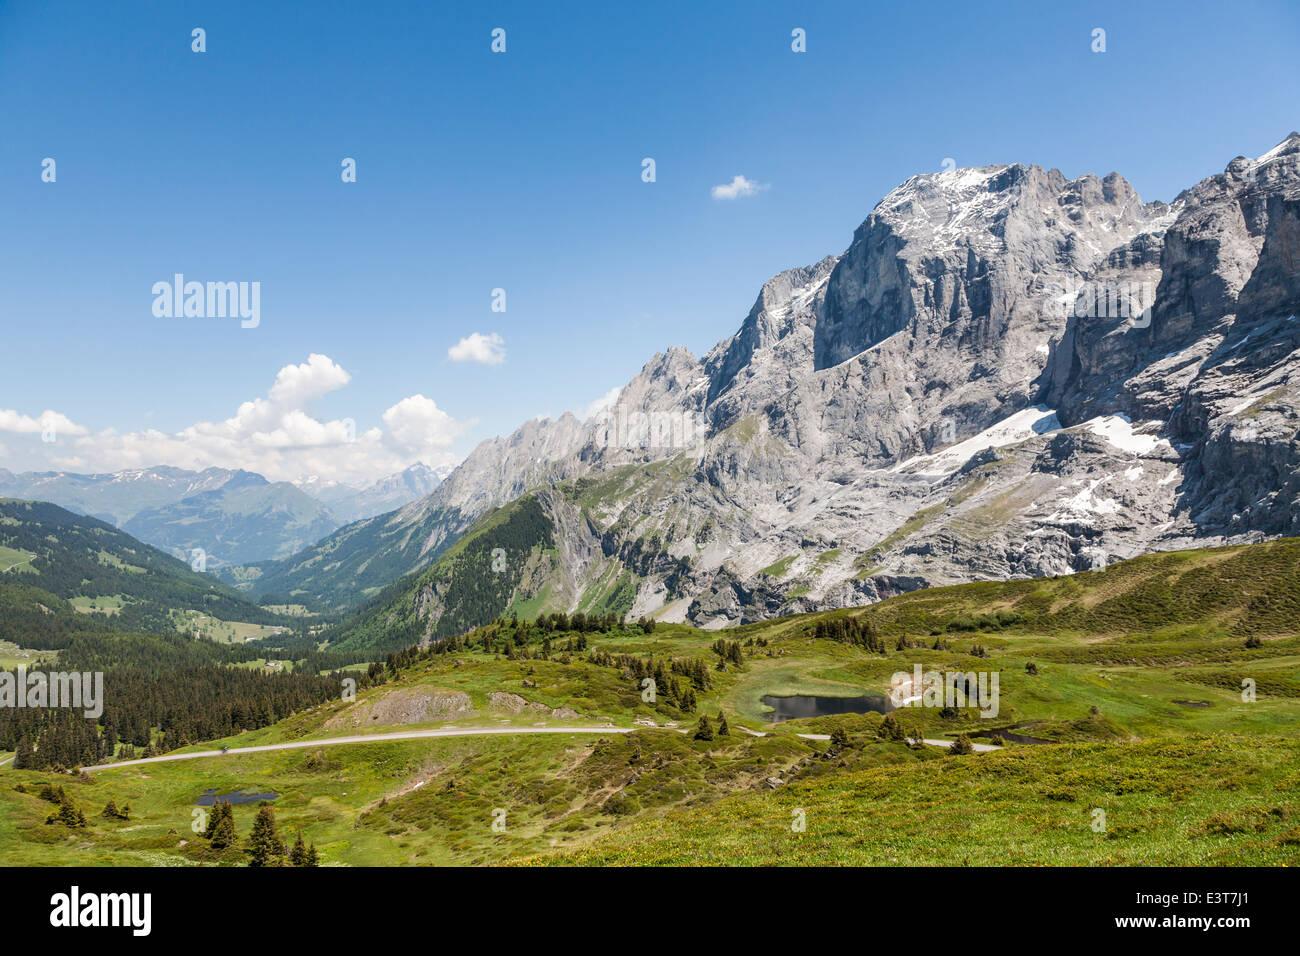 View near Grosse Scheidegg, above Grindelwald, over Schwarzwaldalp with Wetterhorn in foreground - Stock Image